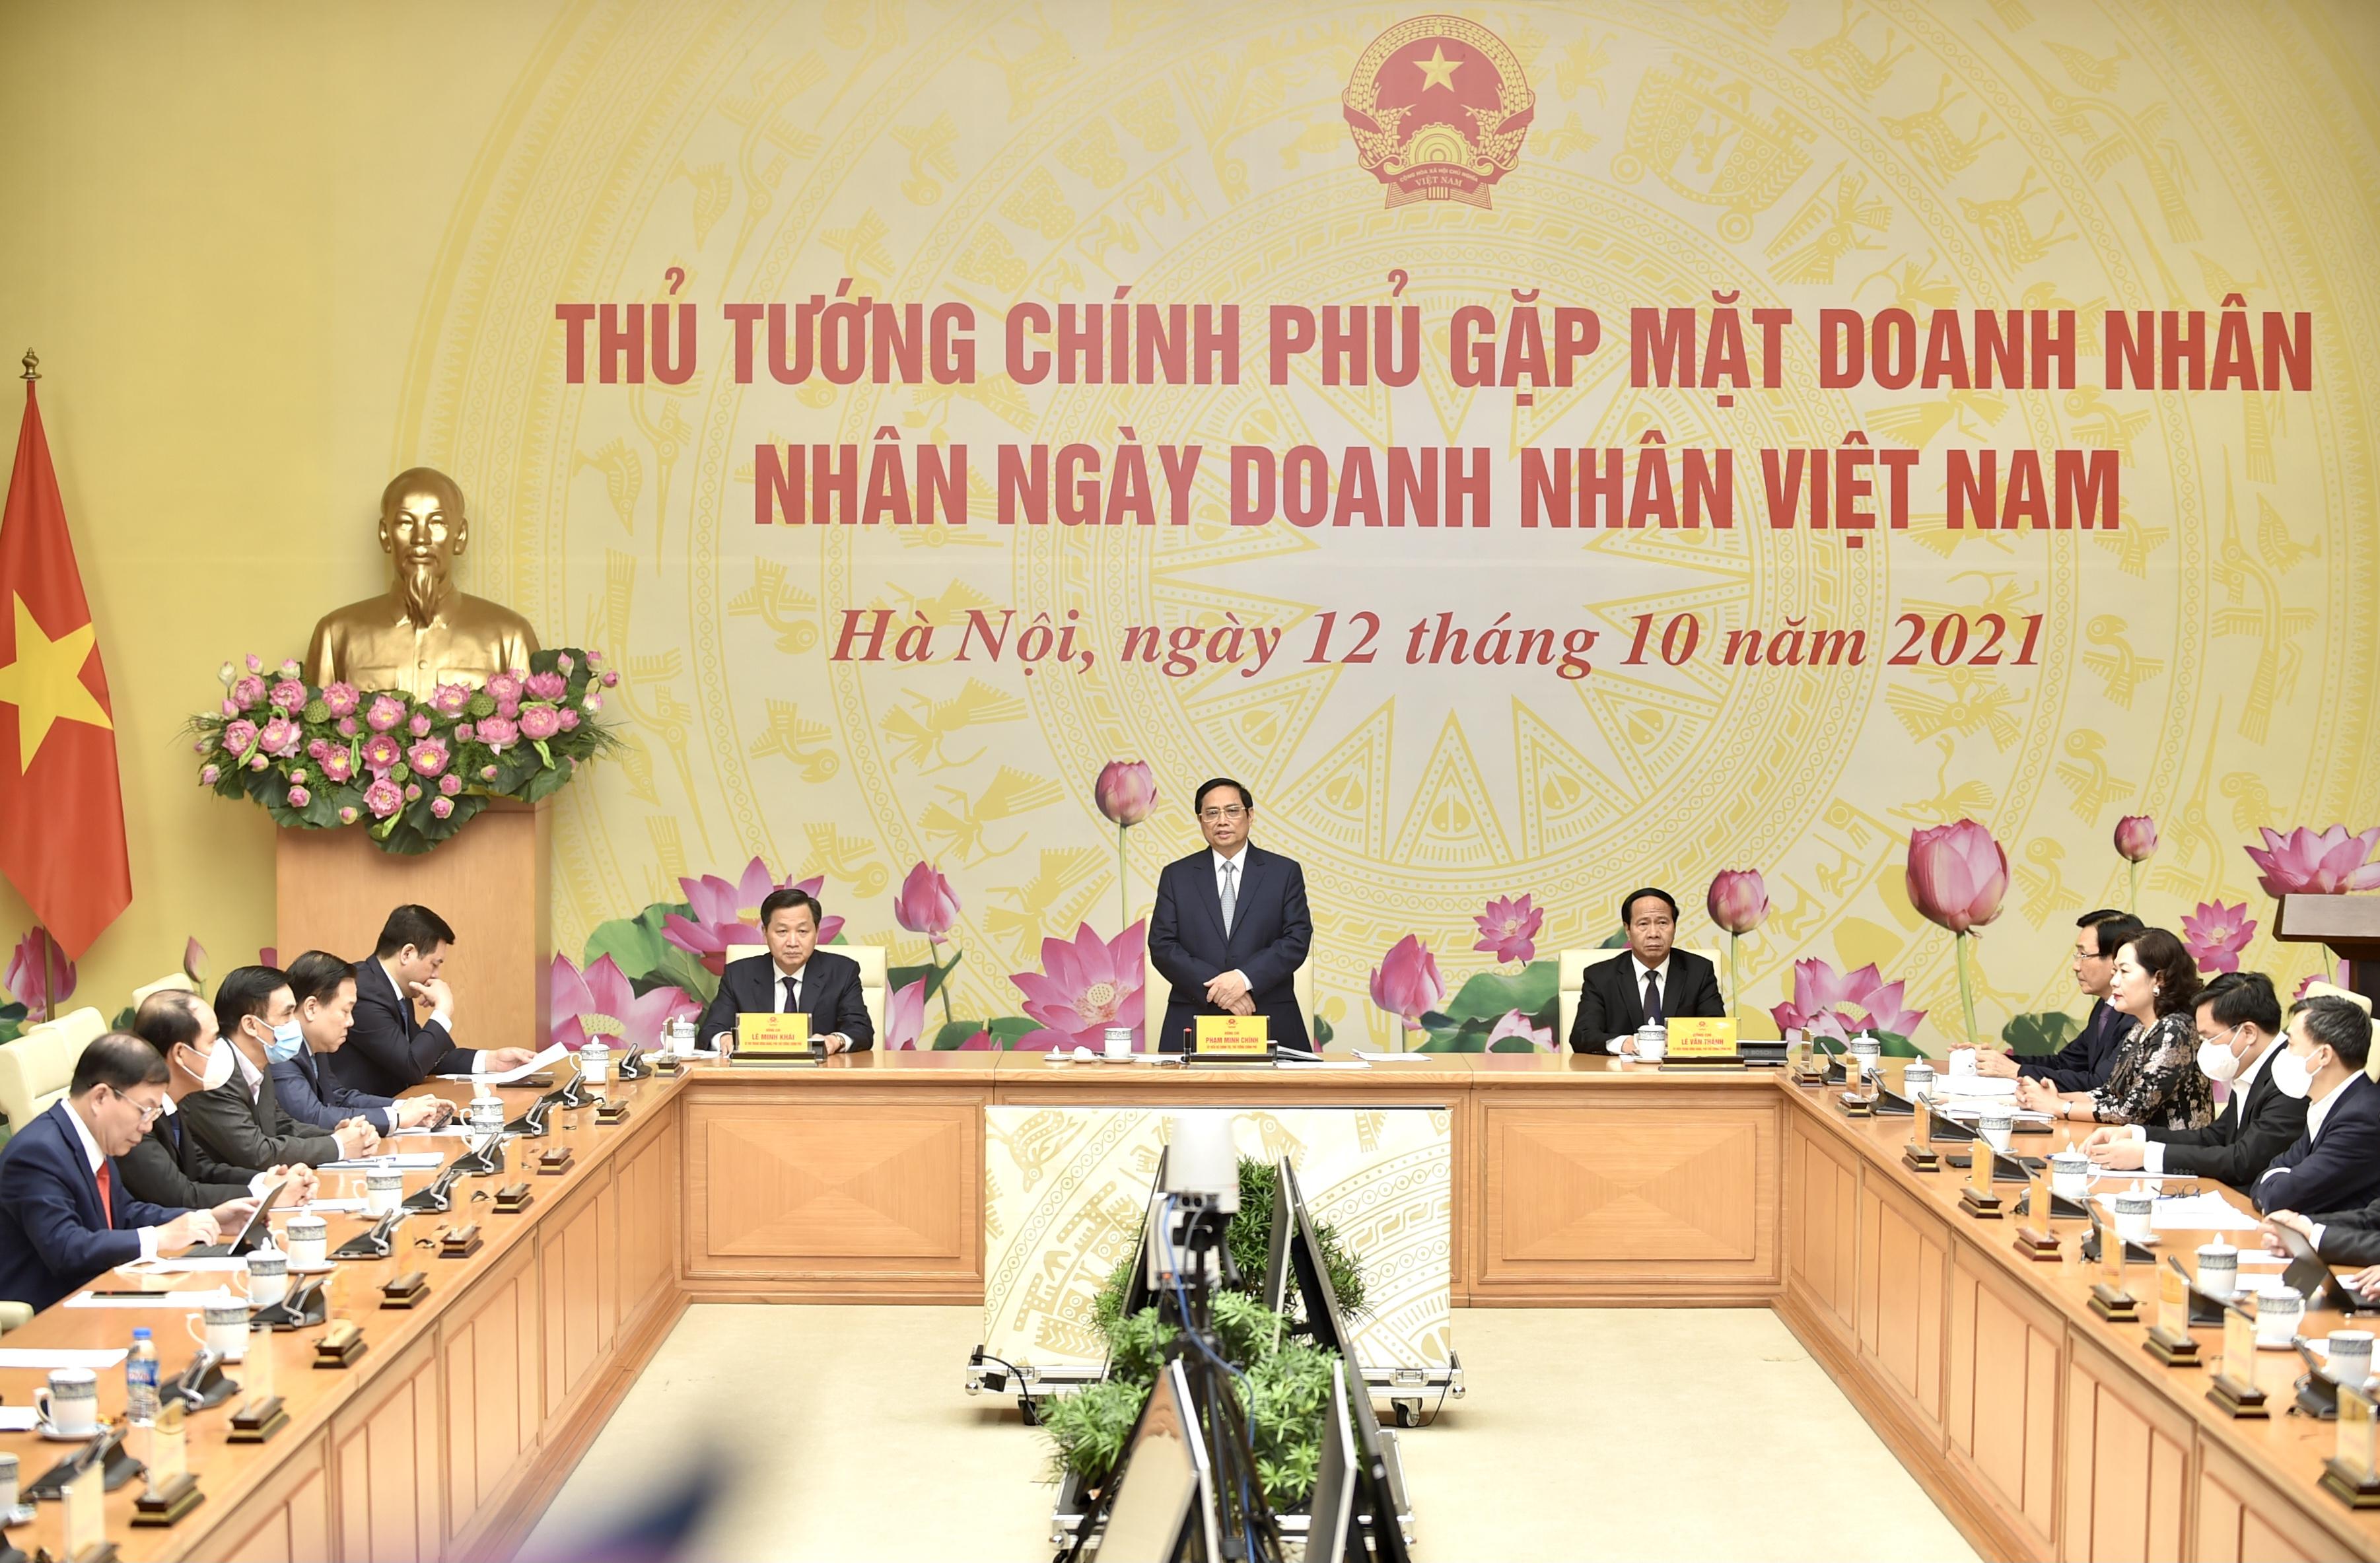 Nhà Sáng lập Tập đoàn TH: 'Hình ảnh Thủ tướng đẫm mồ hôi chỉ đạo chống dịch đánh thức tinh thần doanh nhân'